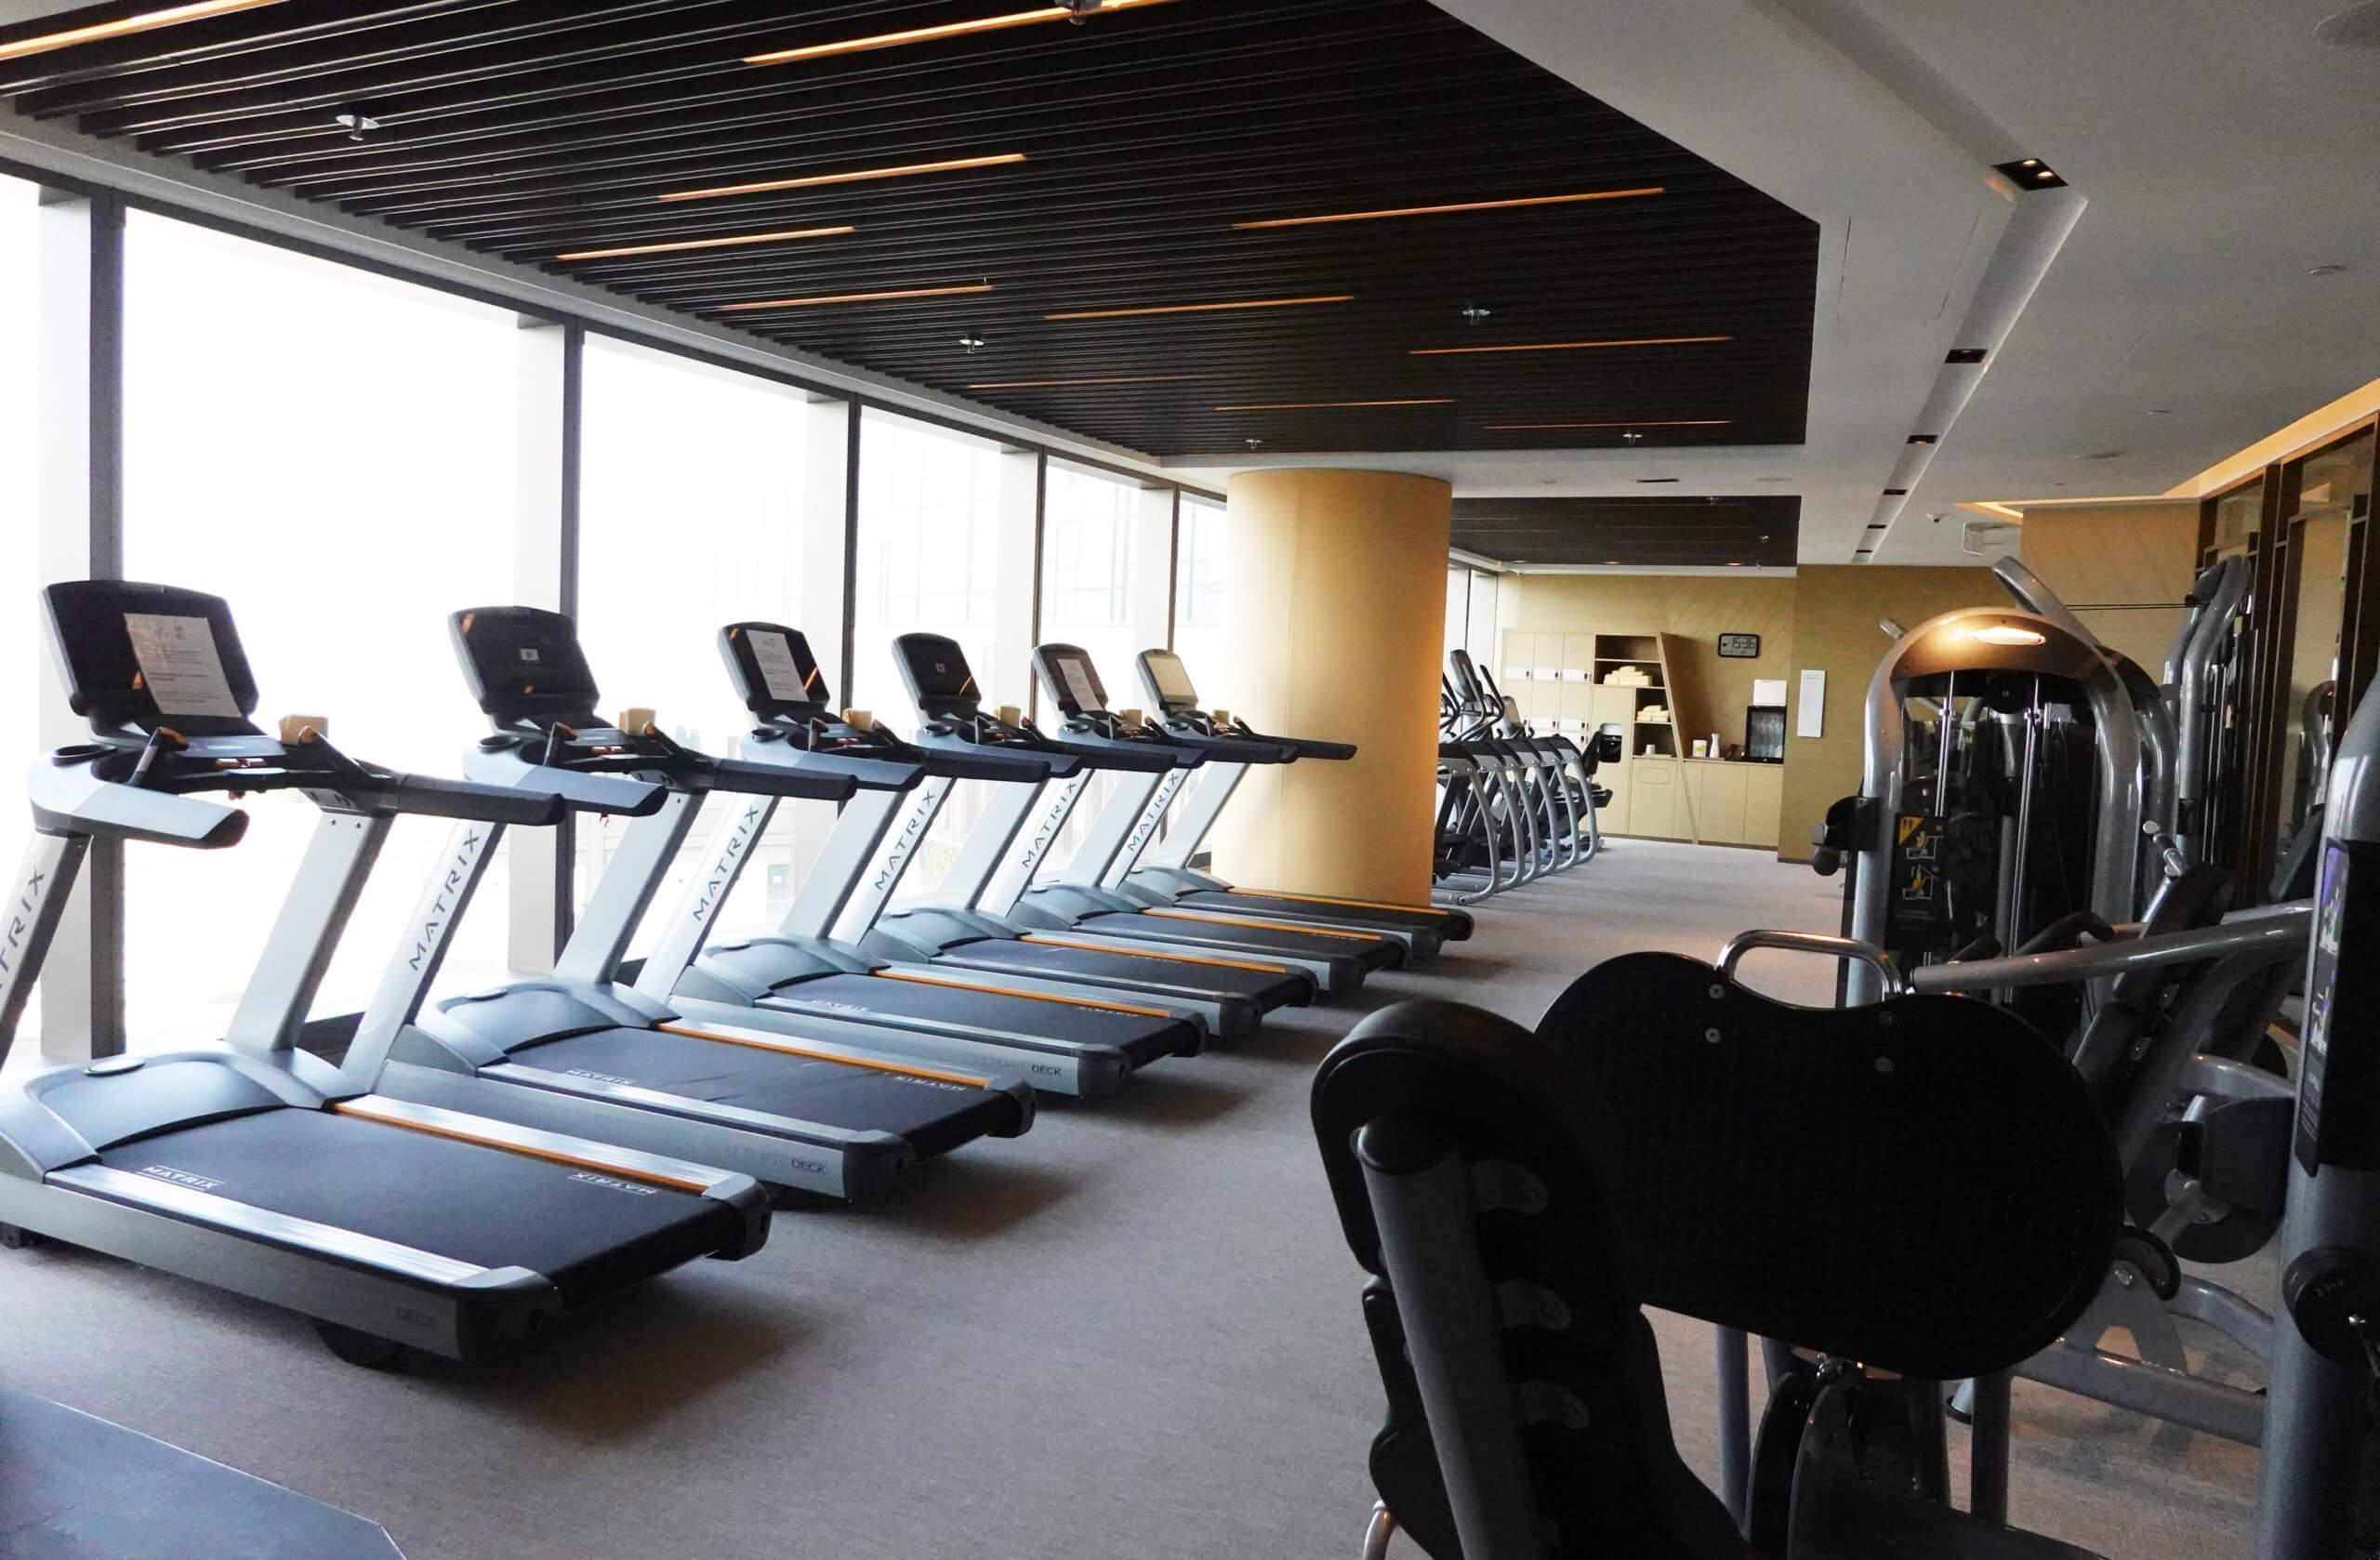 健身室備有各式儀器,操fit身材無難度。